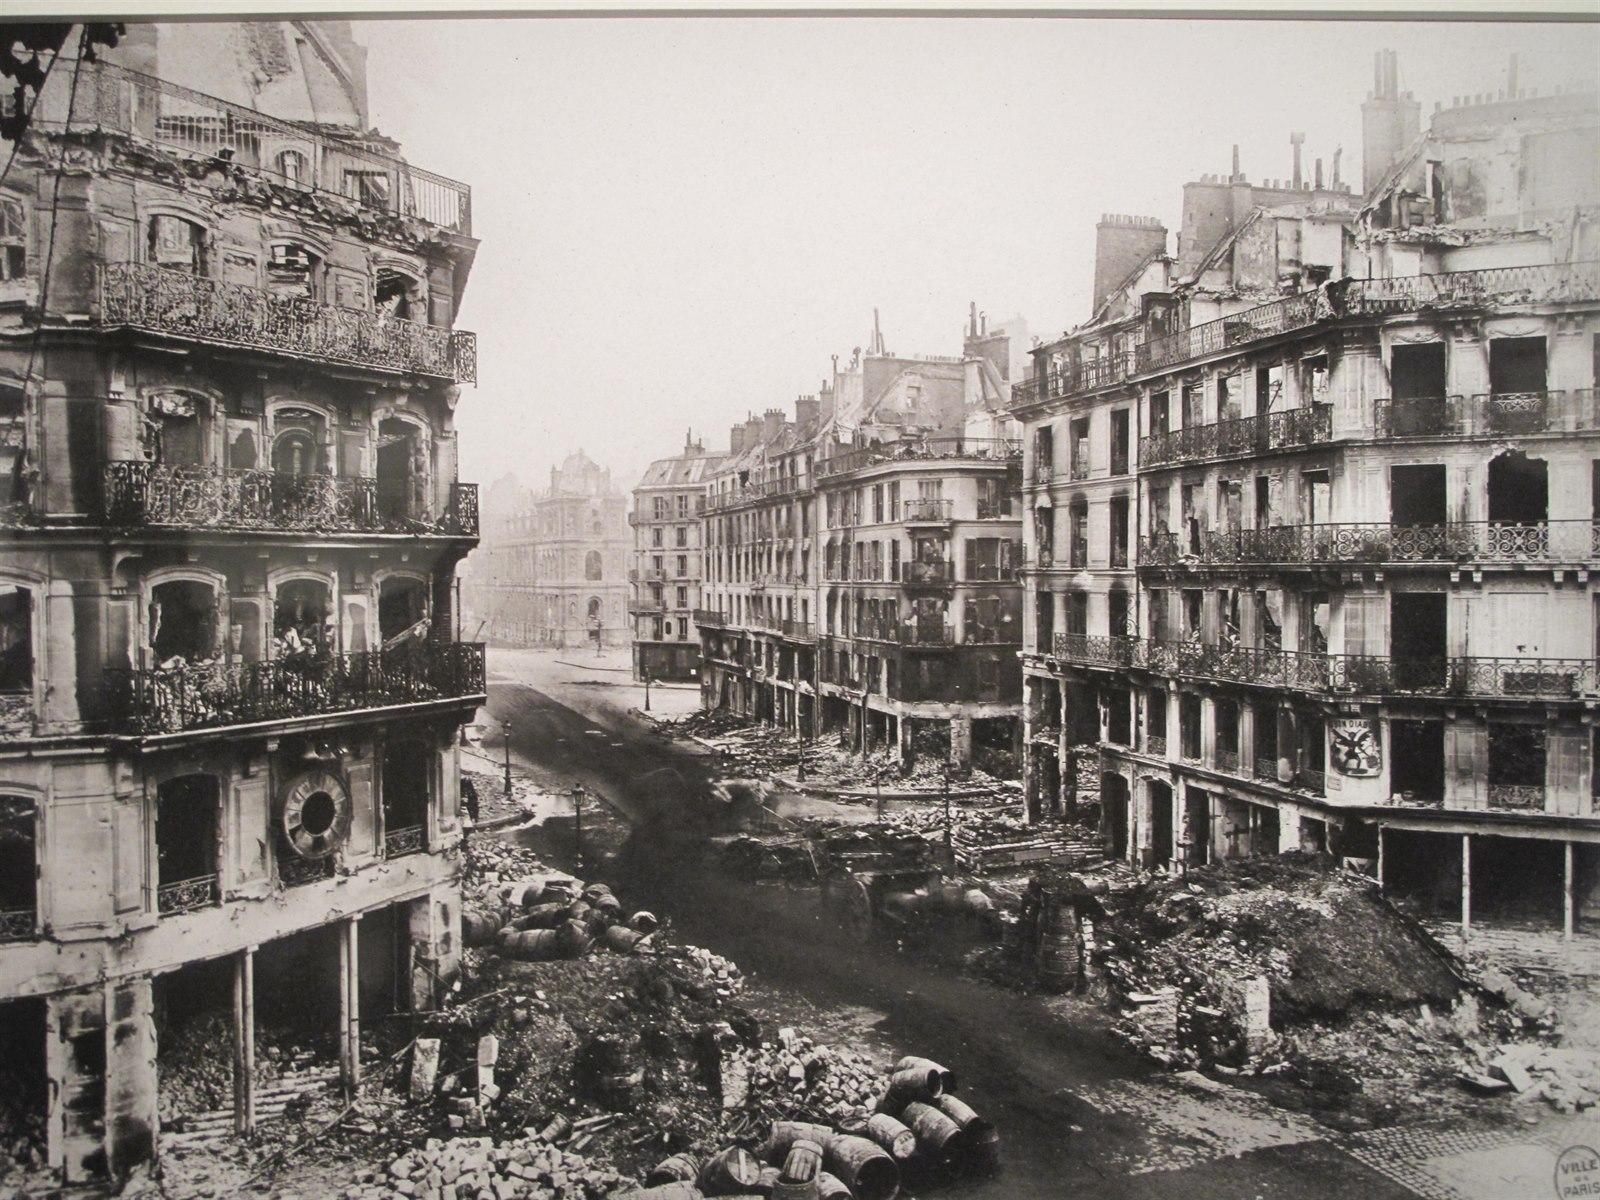 Pařížská komuna 1871. Následky bojů mezi komunardy a versaillskými v ulicích Paříže